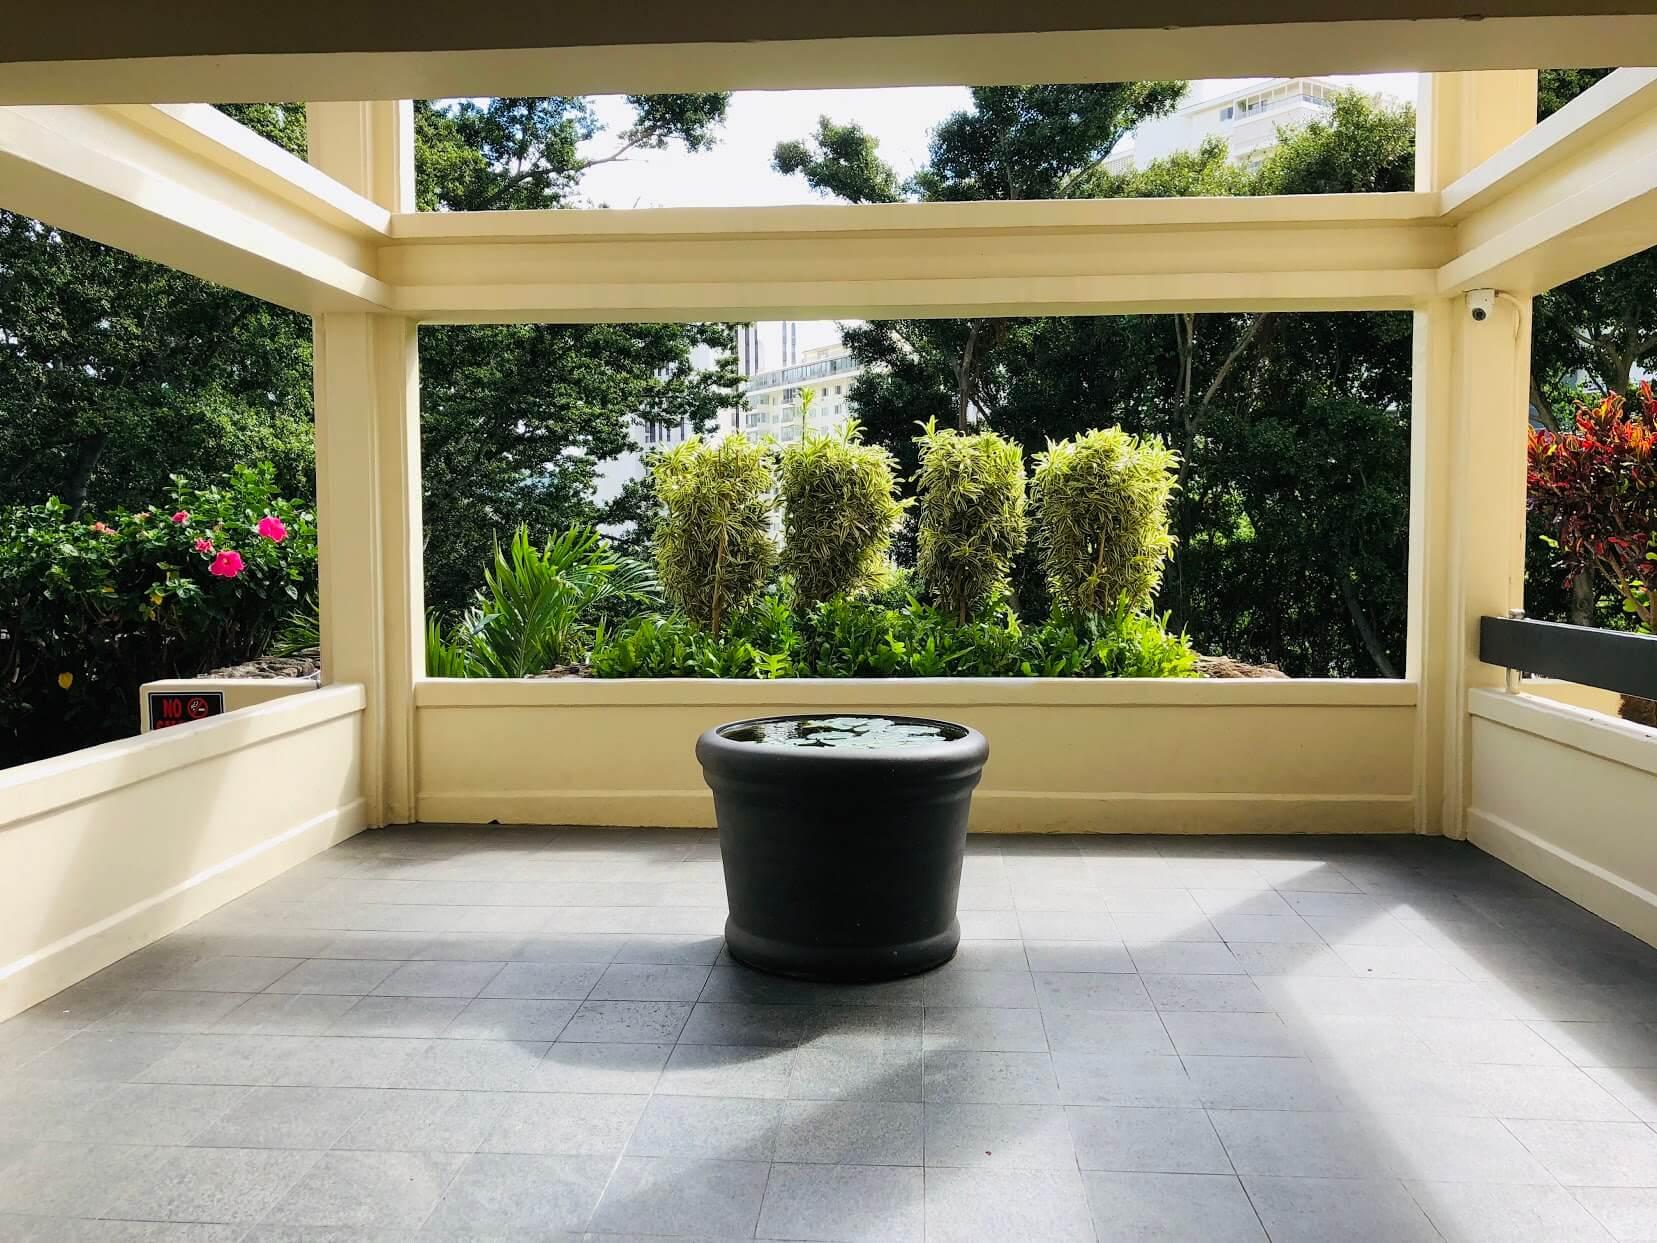 Royal Vistaの庭